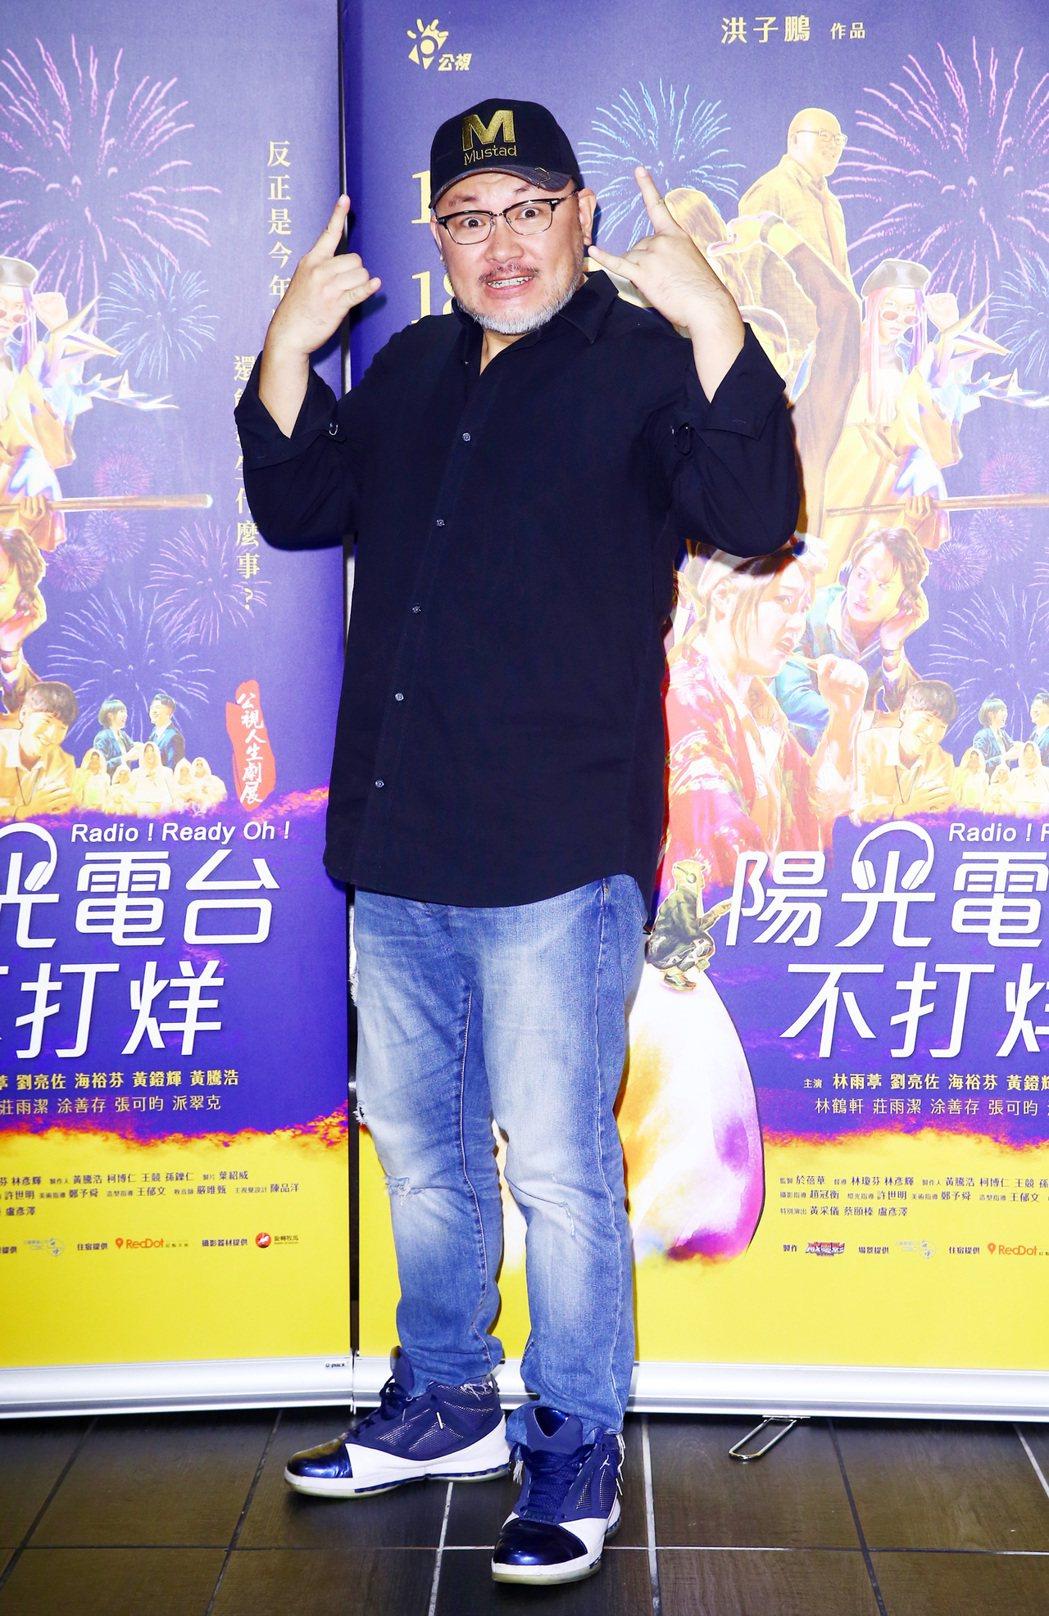 《陽光電台不打烊》演員之一劉亮佐。記者杜建重/攝影